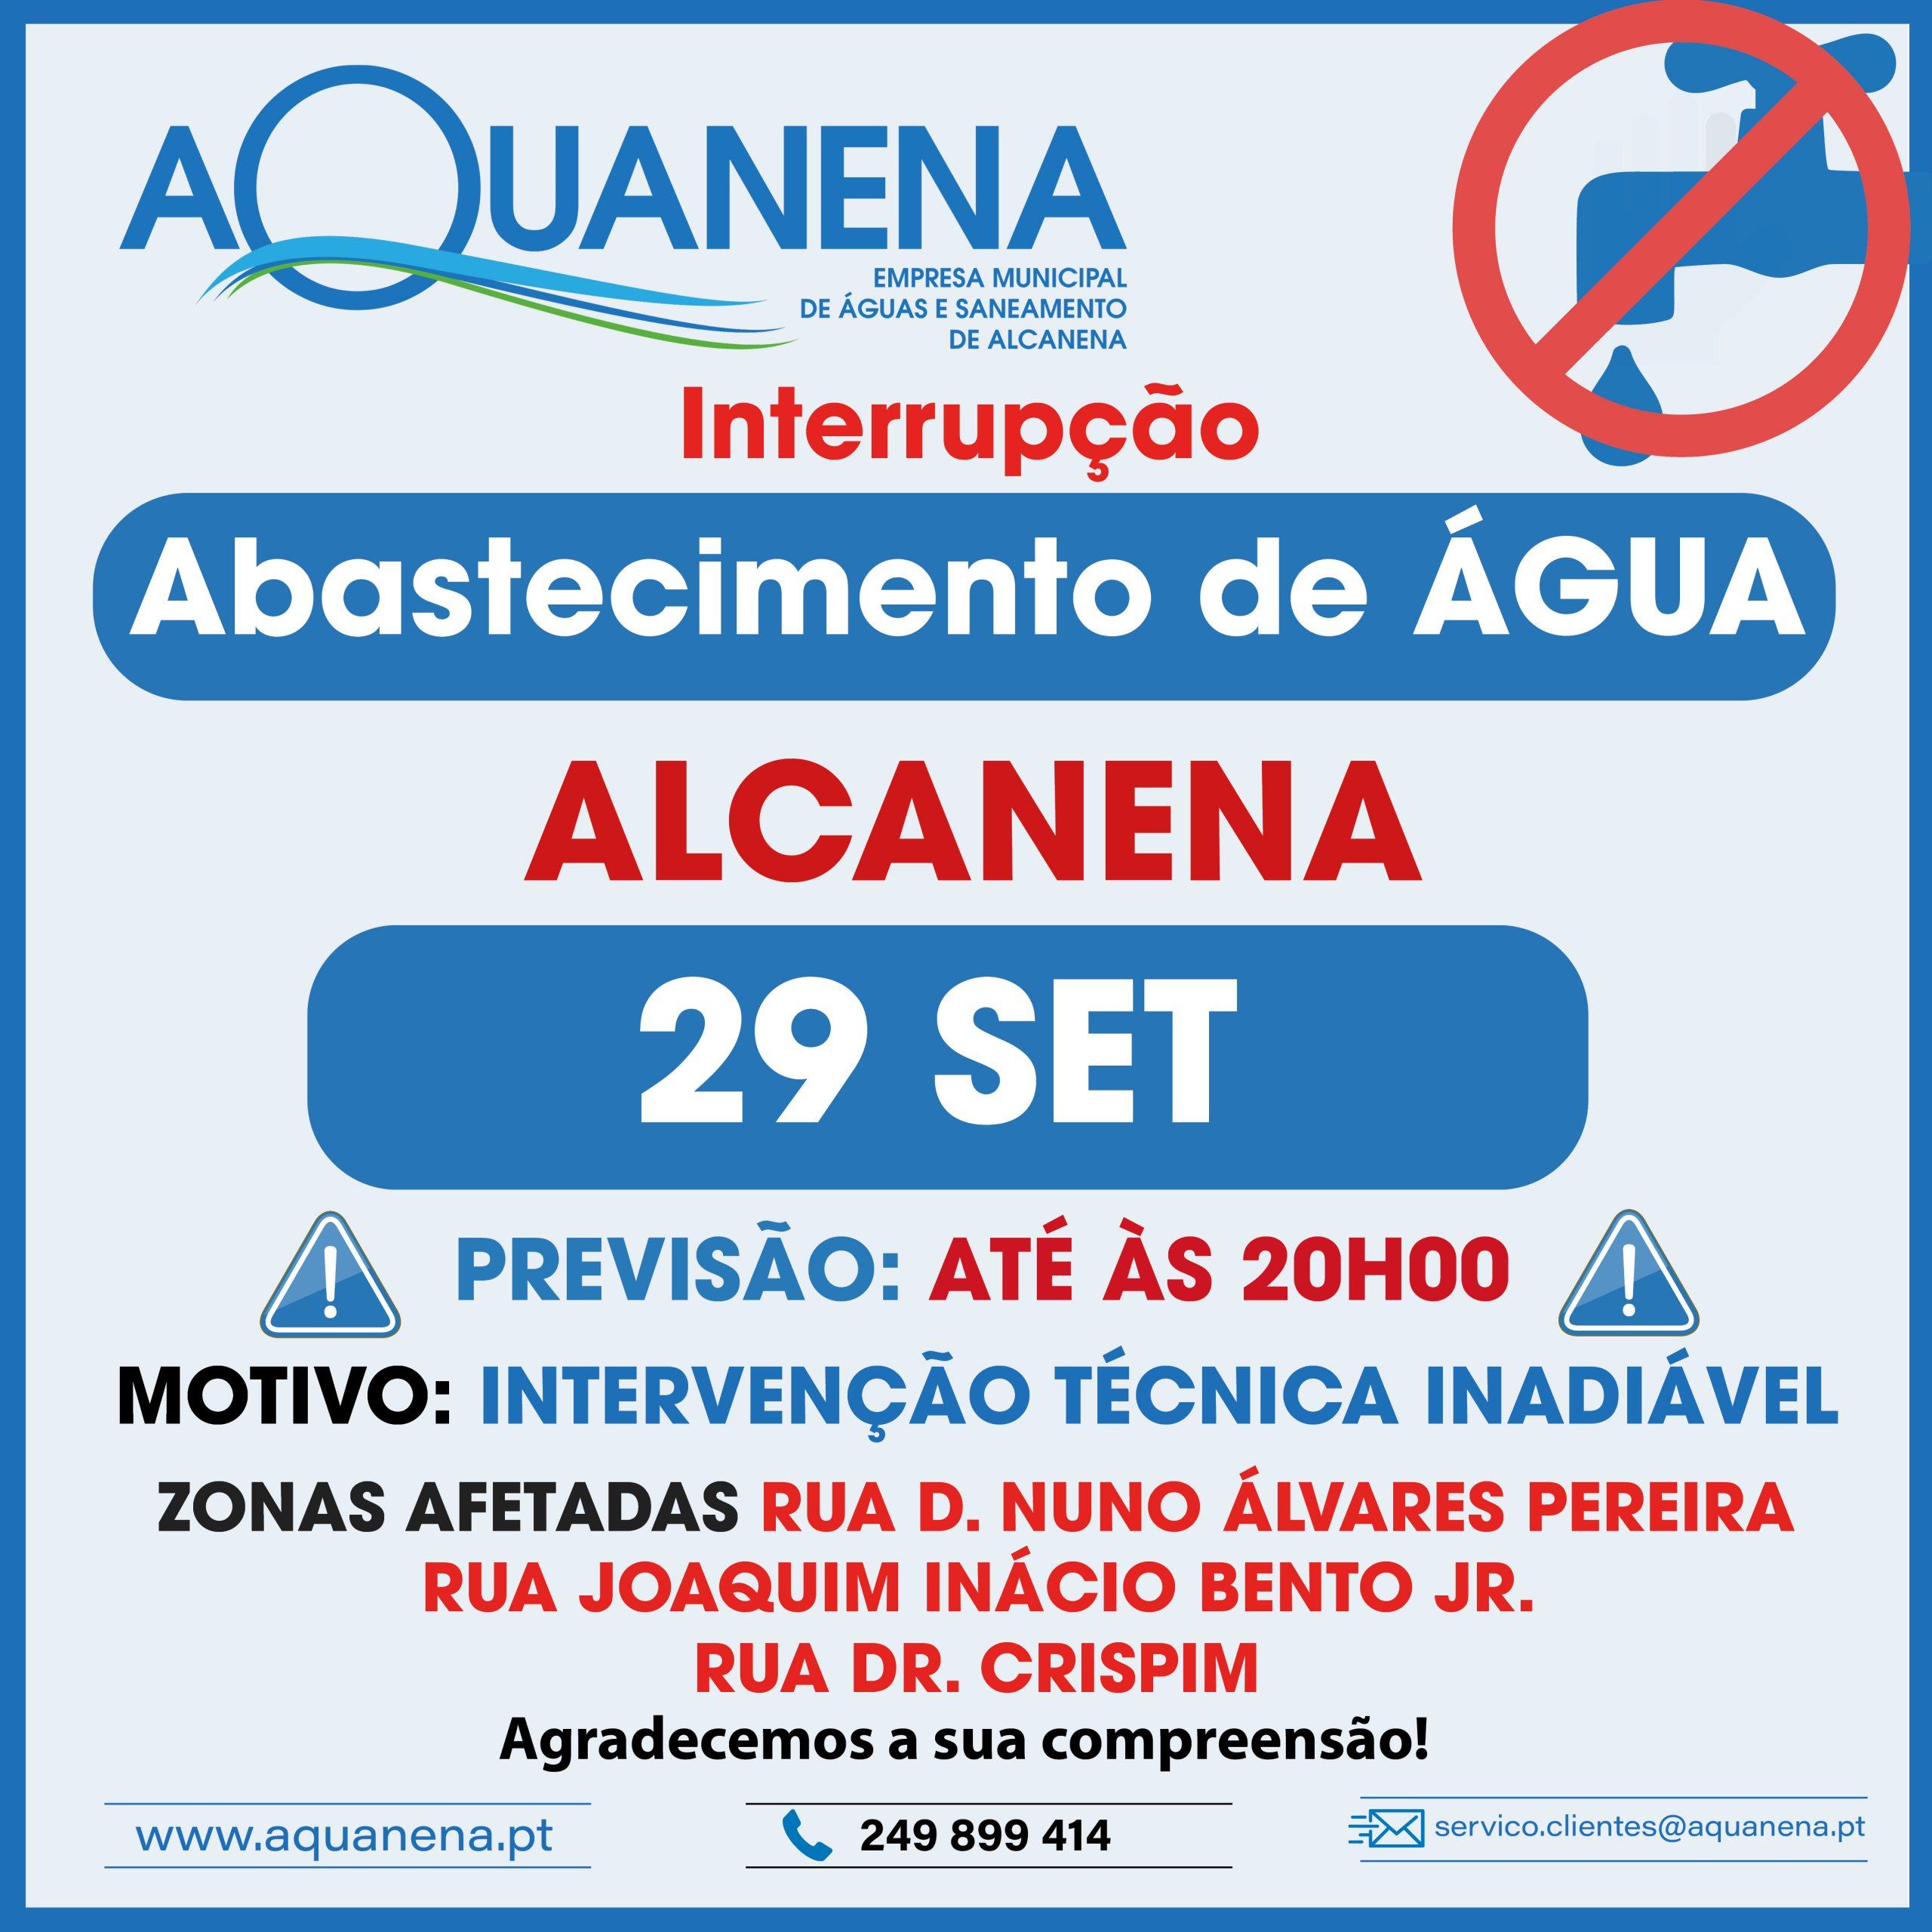 INTERRUPÇÃO DO ABASTECIMENTO de água em ALCANENA | CHÃ | 29 SET